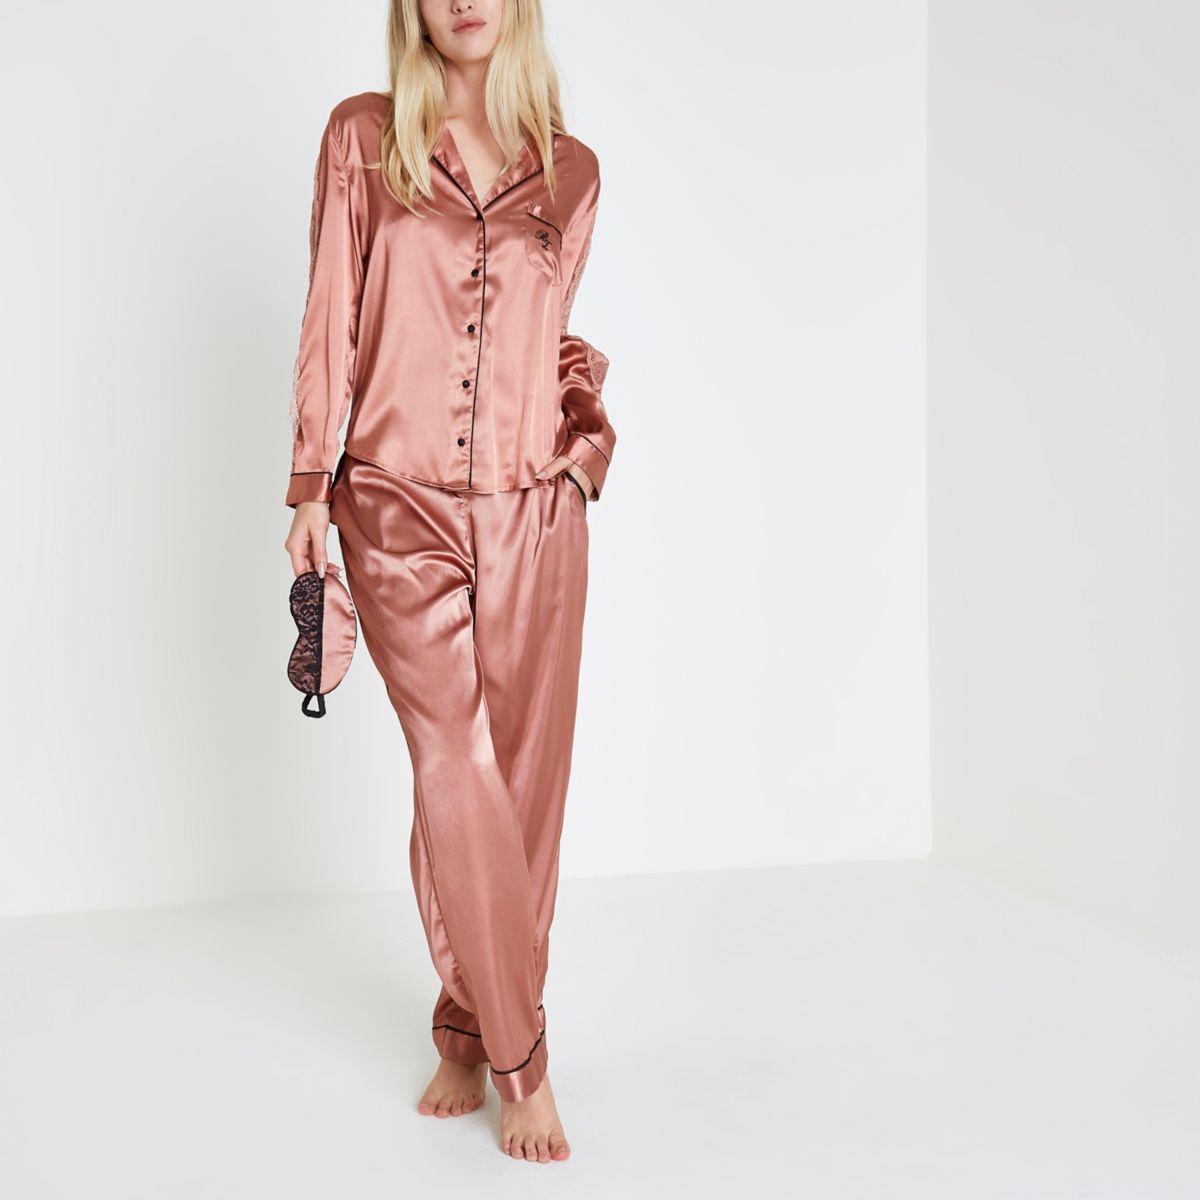 Pink satin lace trim pajama gift box